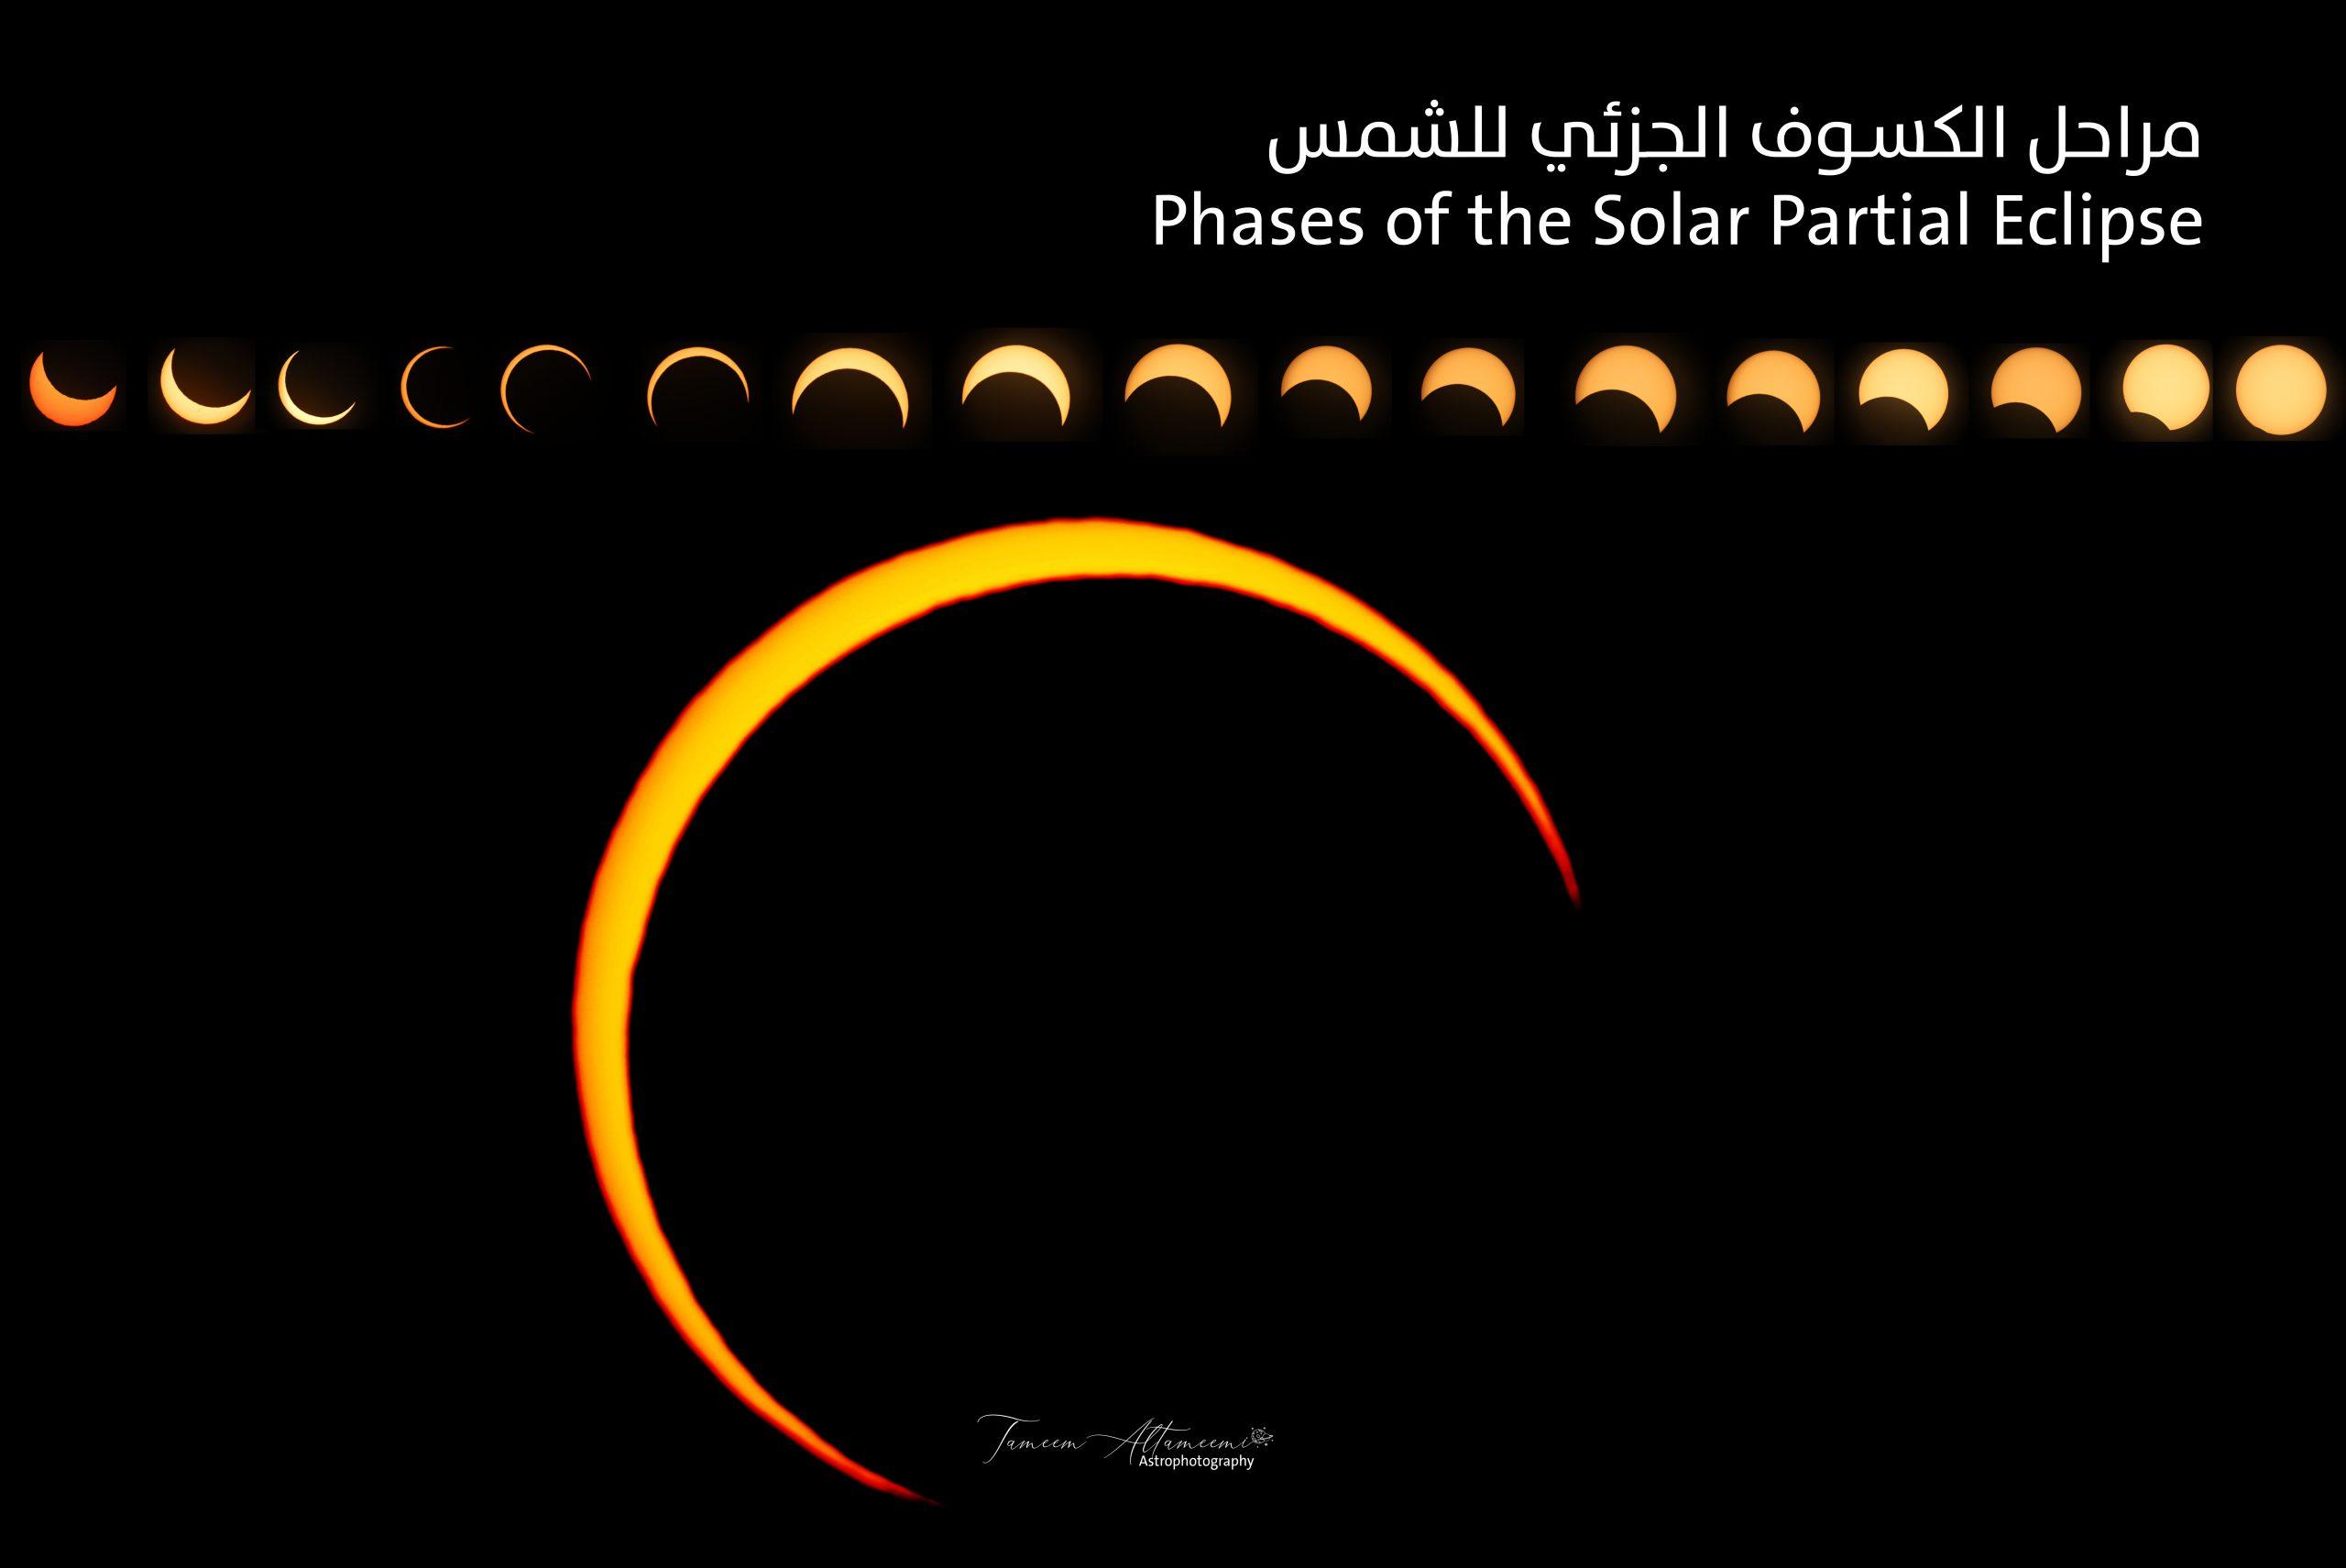 كسوف شمس الإمارات